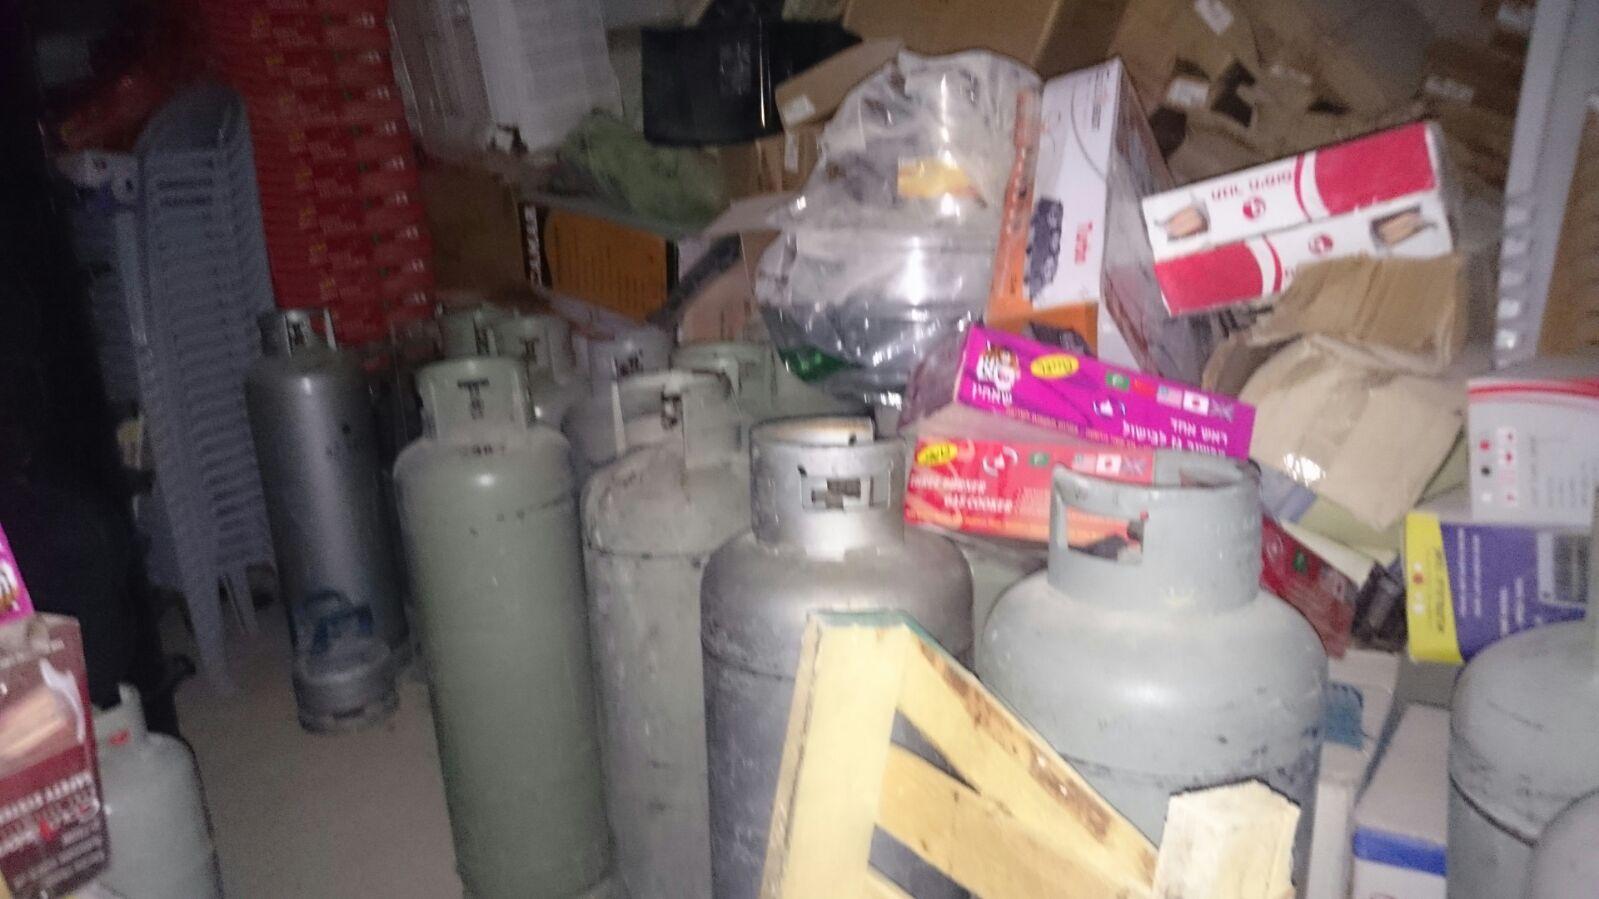 265 בלוני גז שאוחסנו והובלו באופן פיראטי נתפסו בפעילות מבצעית של כוחותינו במזרח ירושלים